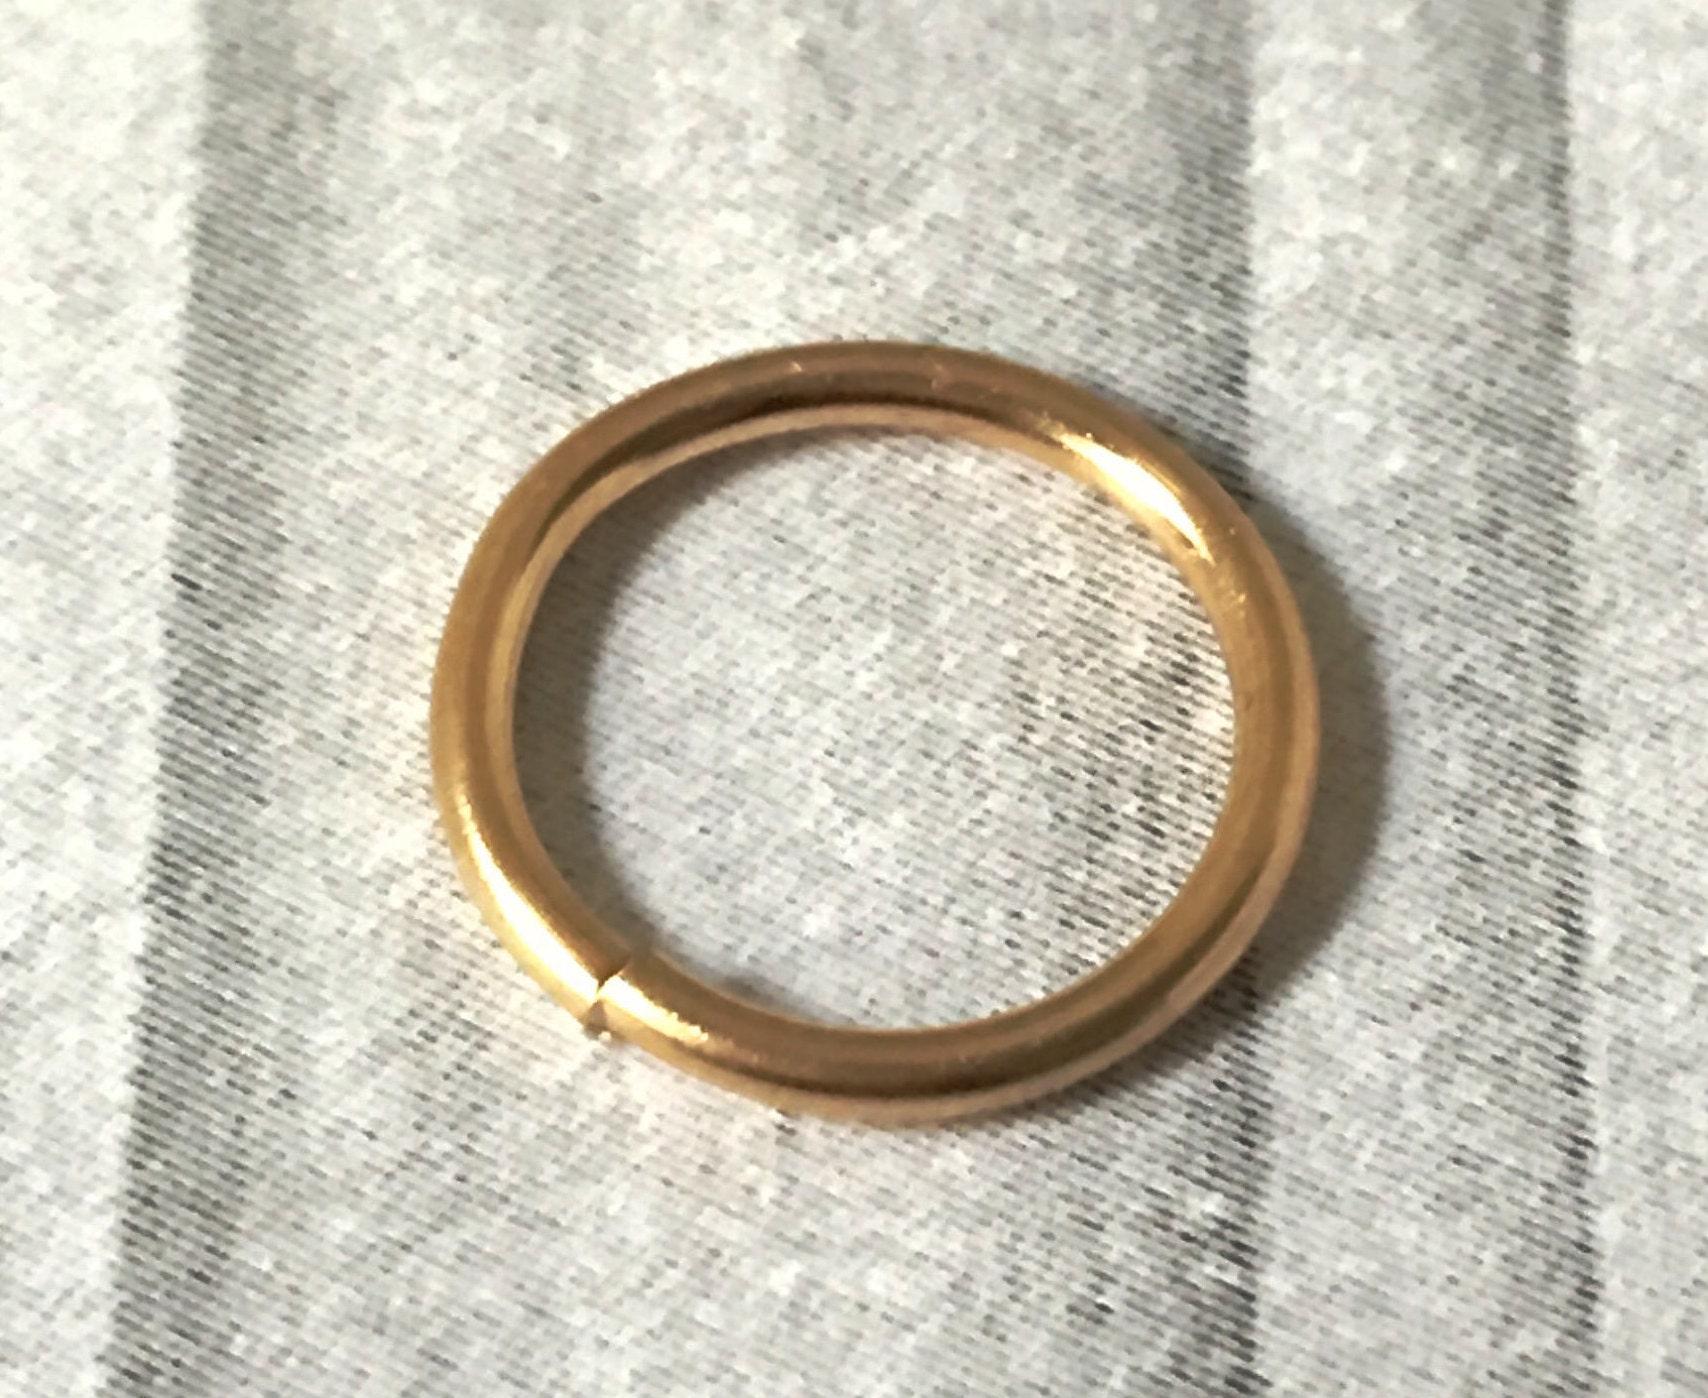 10k Gold Nose Ring Septum Ring 16g 18g 20g 22g Cartilage Etsy